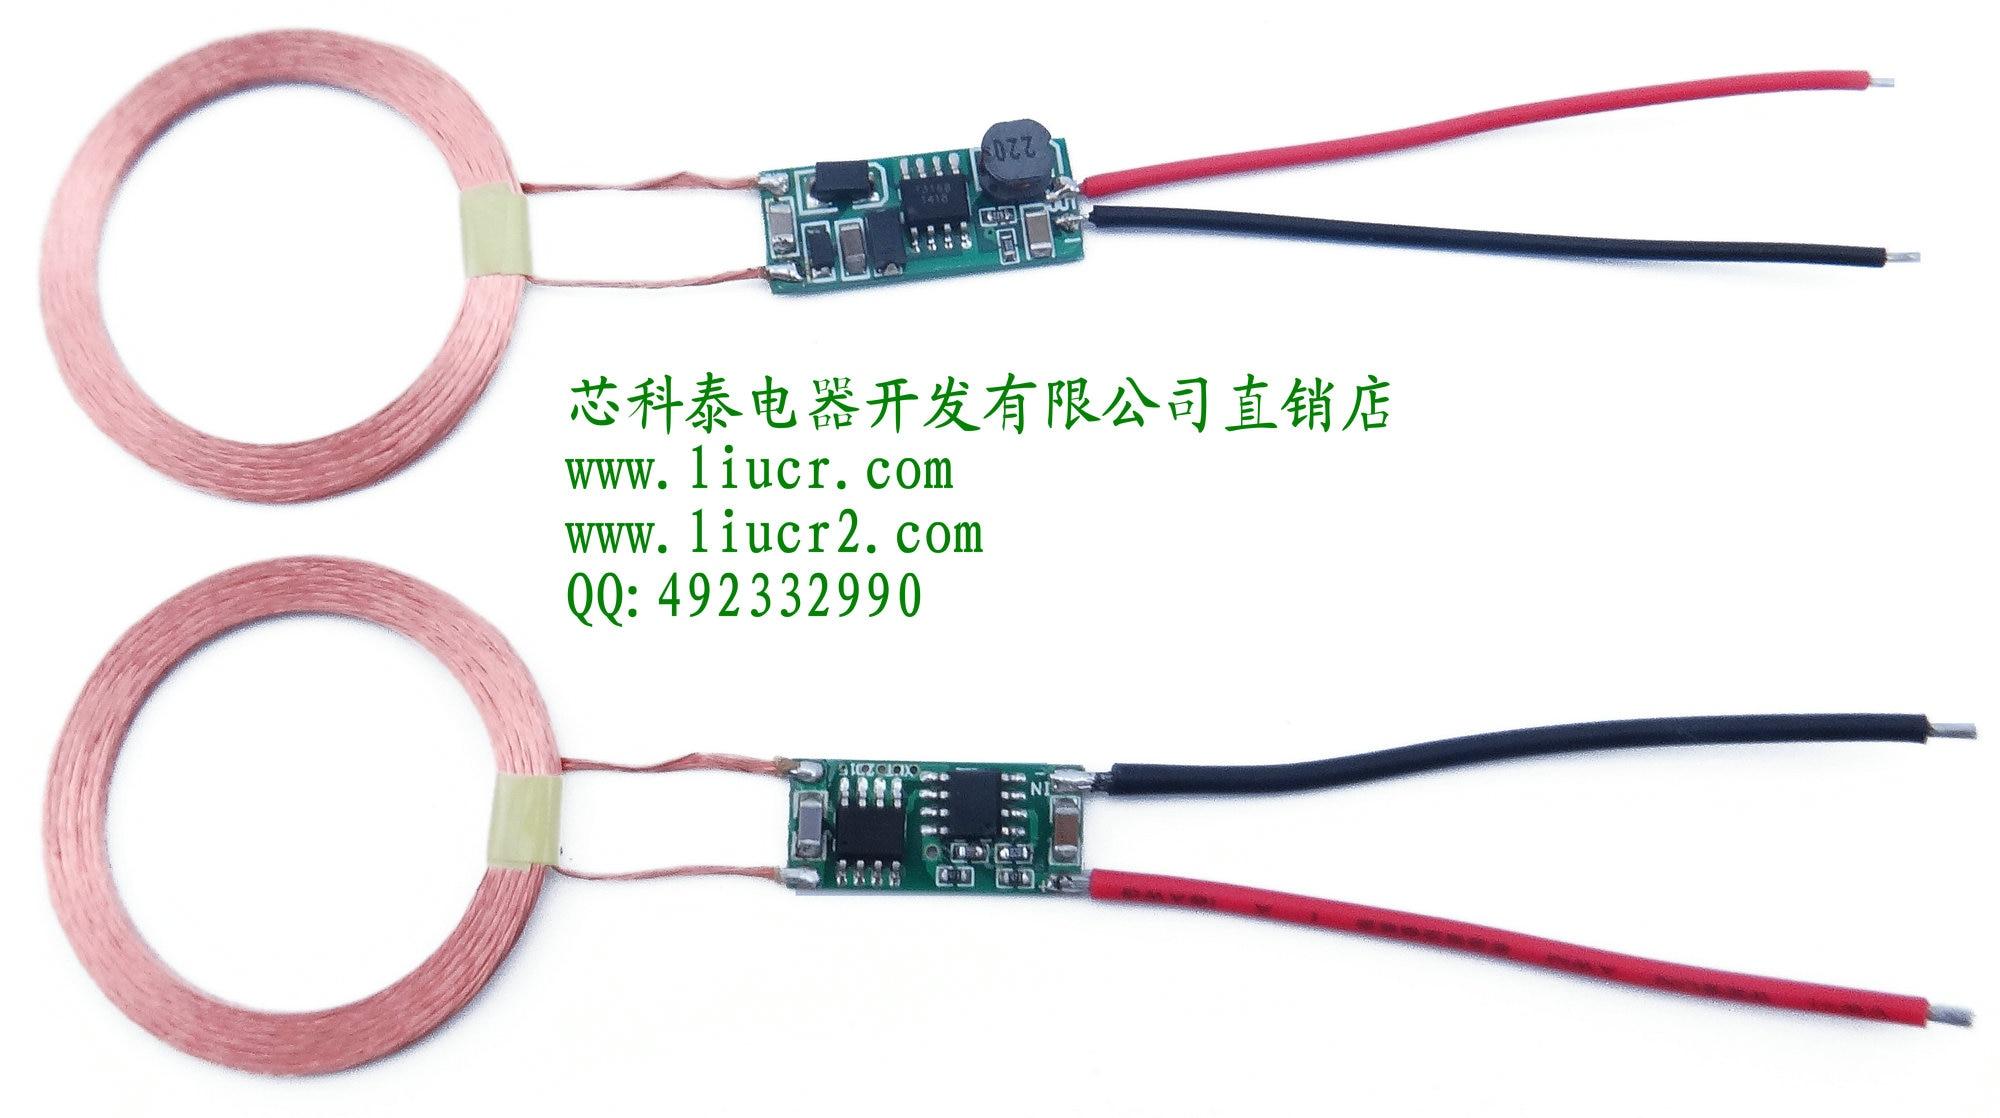 800mA wireless charging  supply module 412 program800mA wireless charging  supply module 412 program